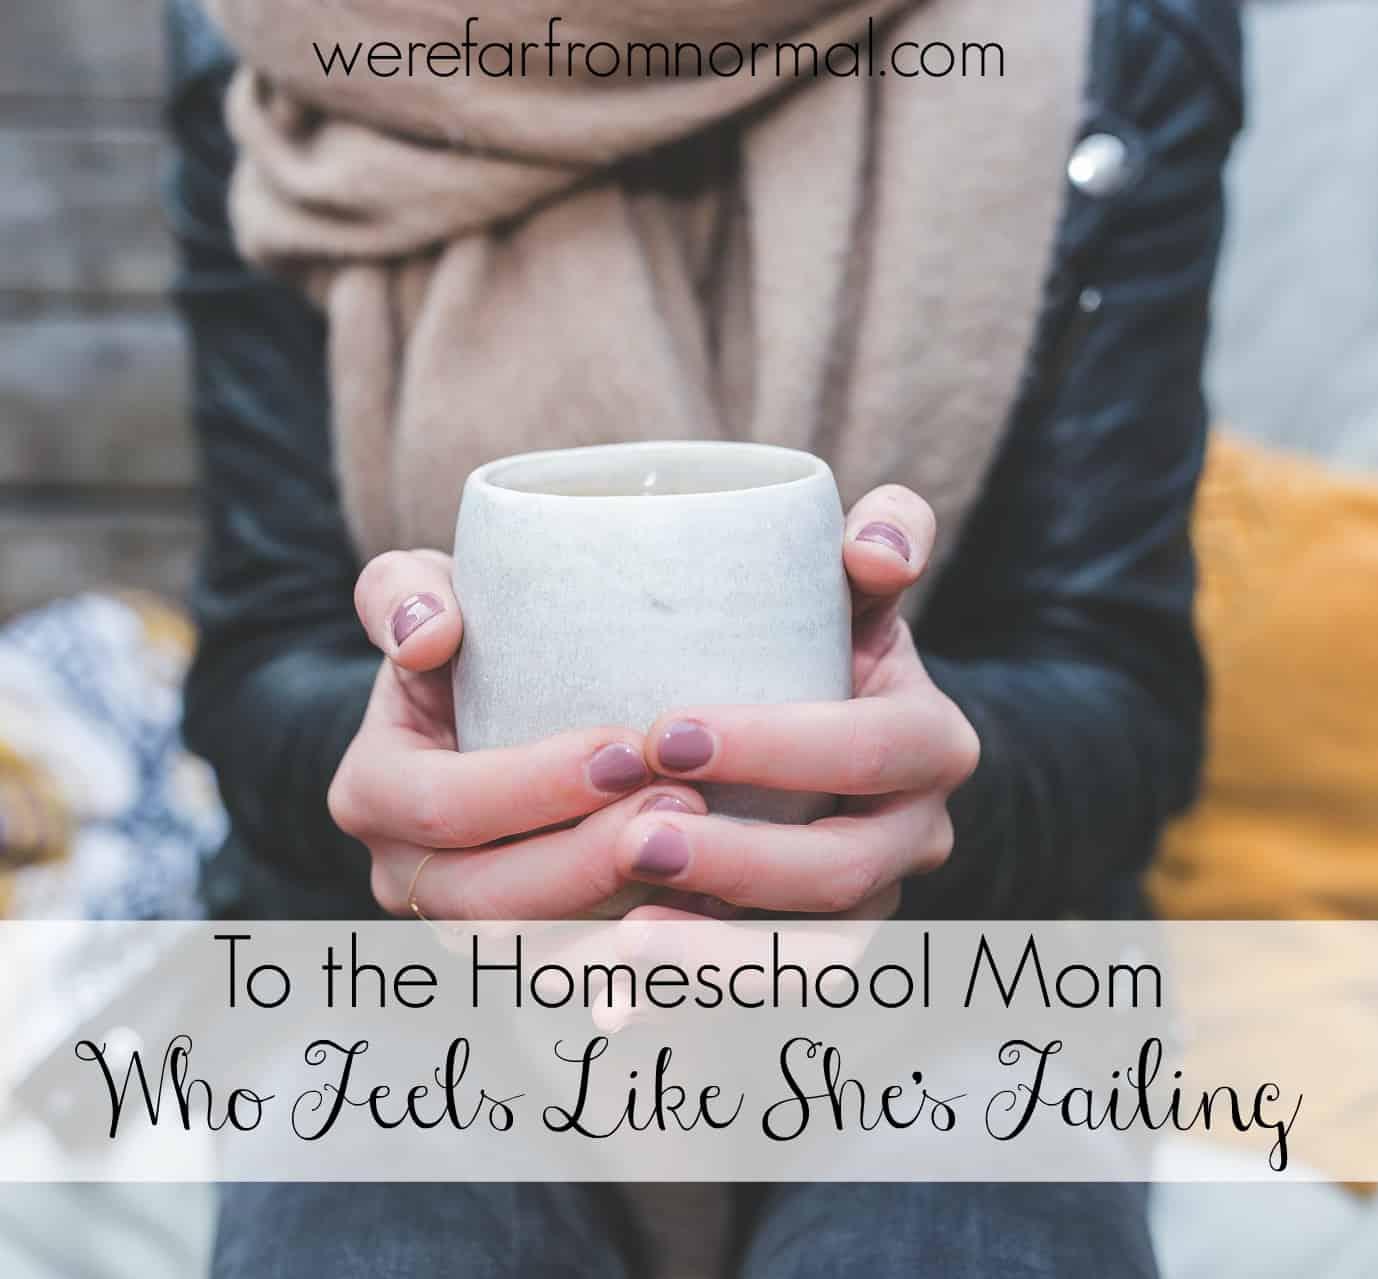 To the Homeschool Mom Who Feels Like She's Failing